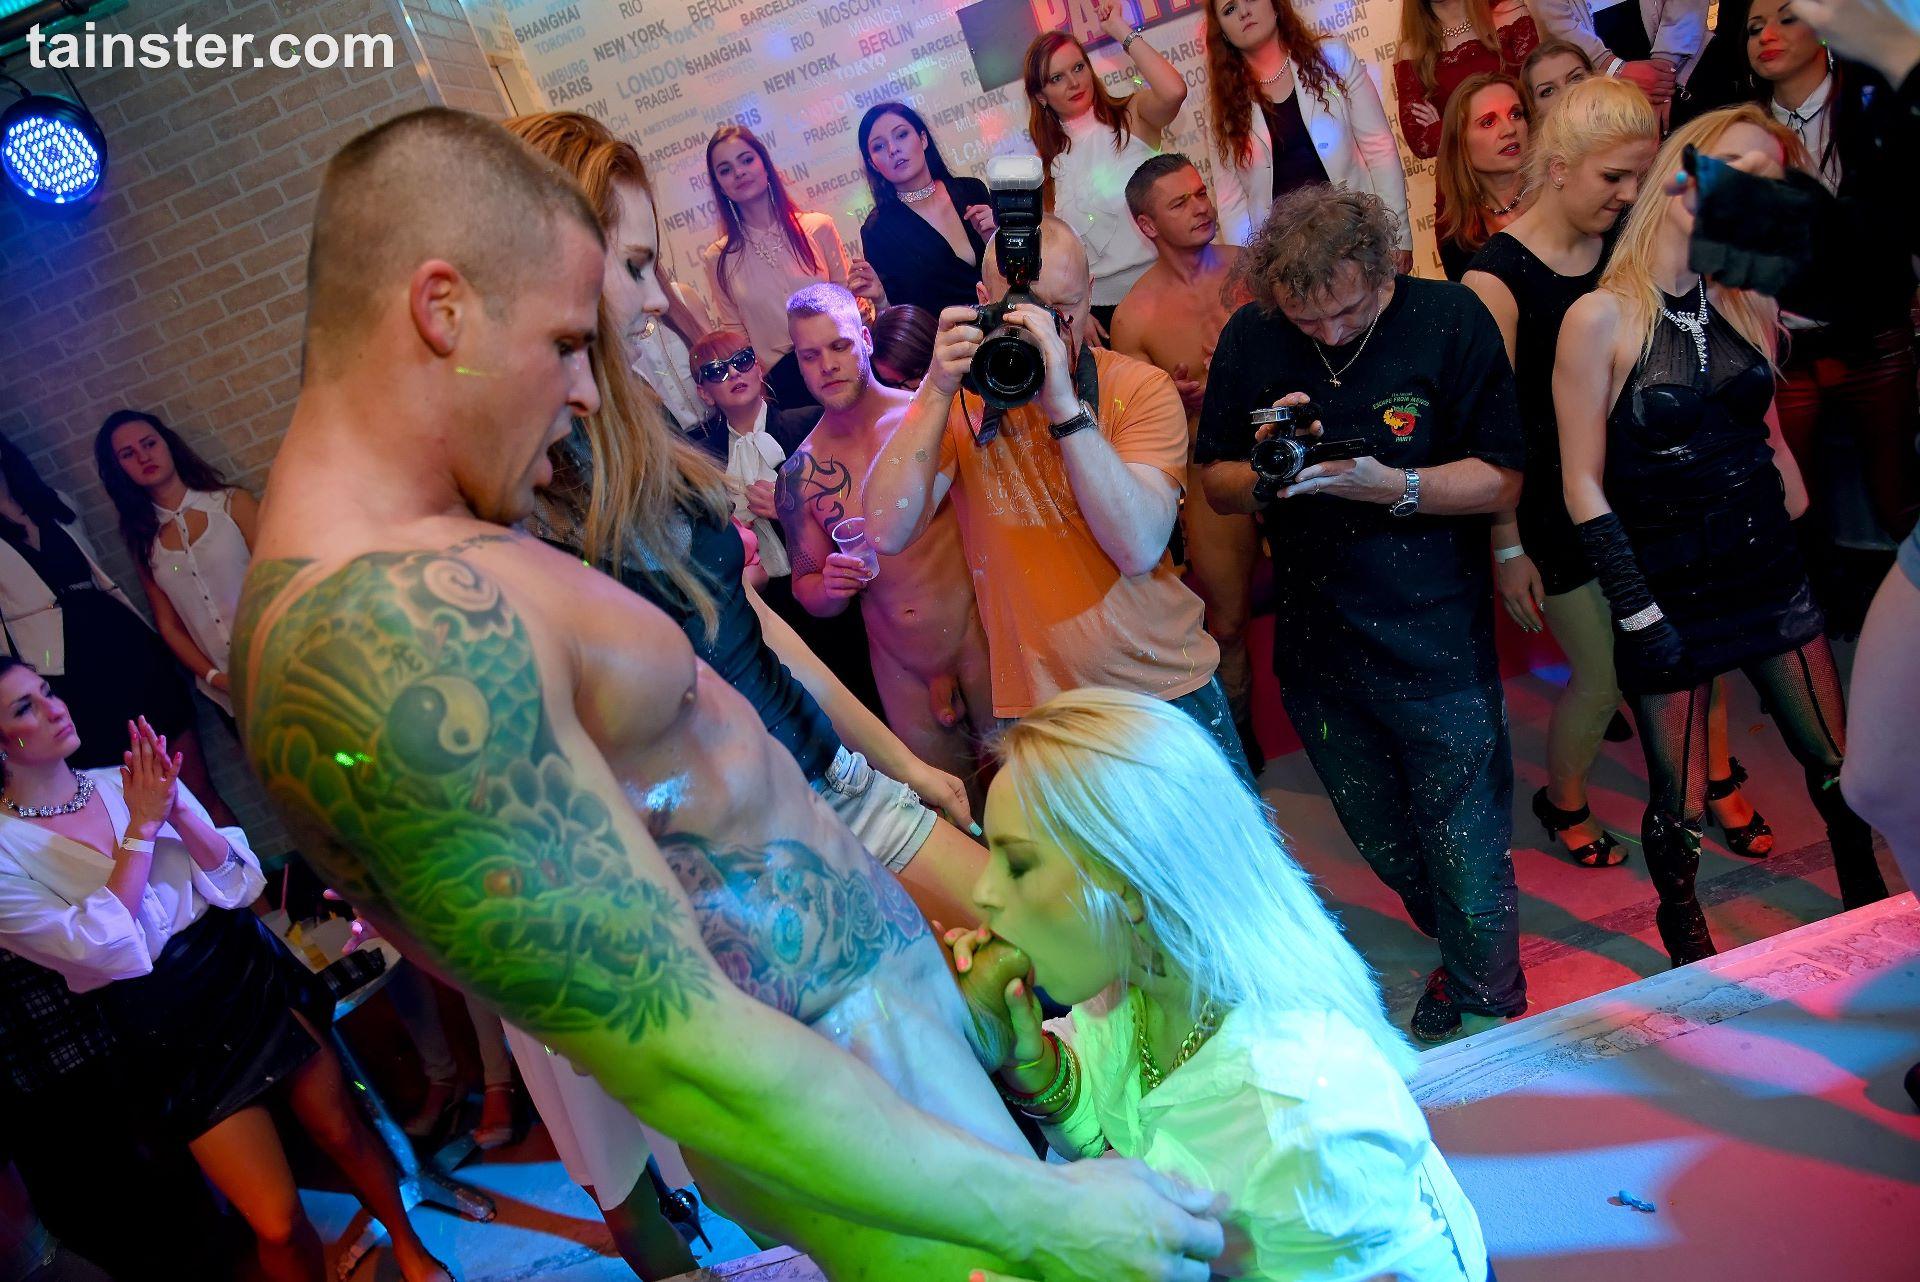 Wet clubbers dancing erotically 7